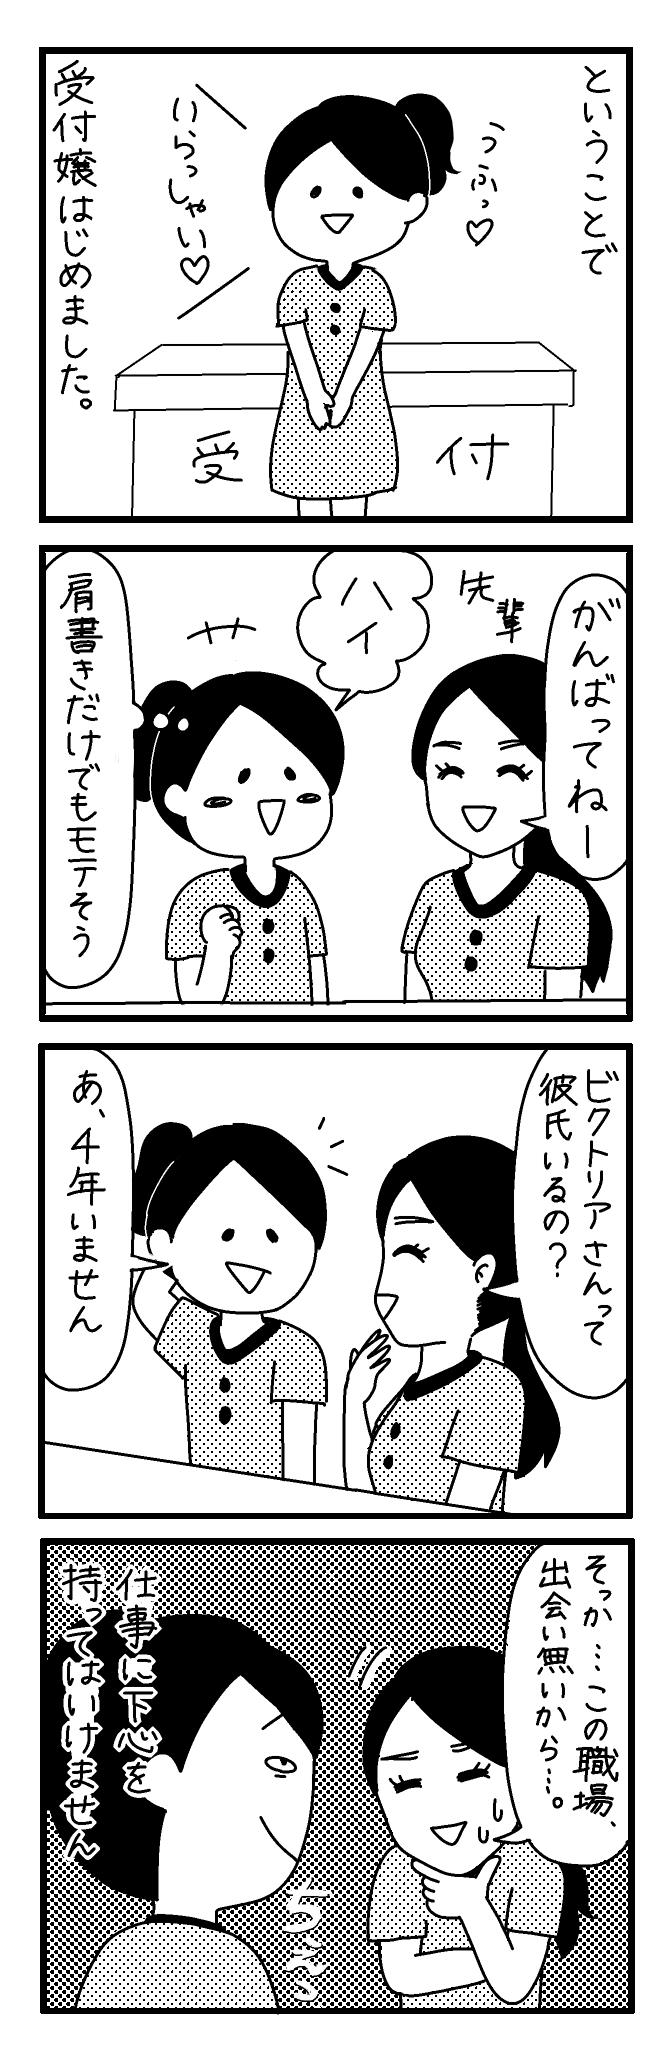 【4コマ漫画】第24回「ビクトリアな日々」作:ビクトリアブラディーヌ